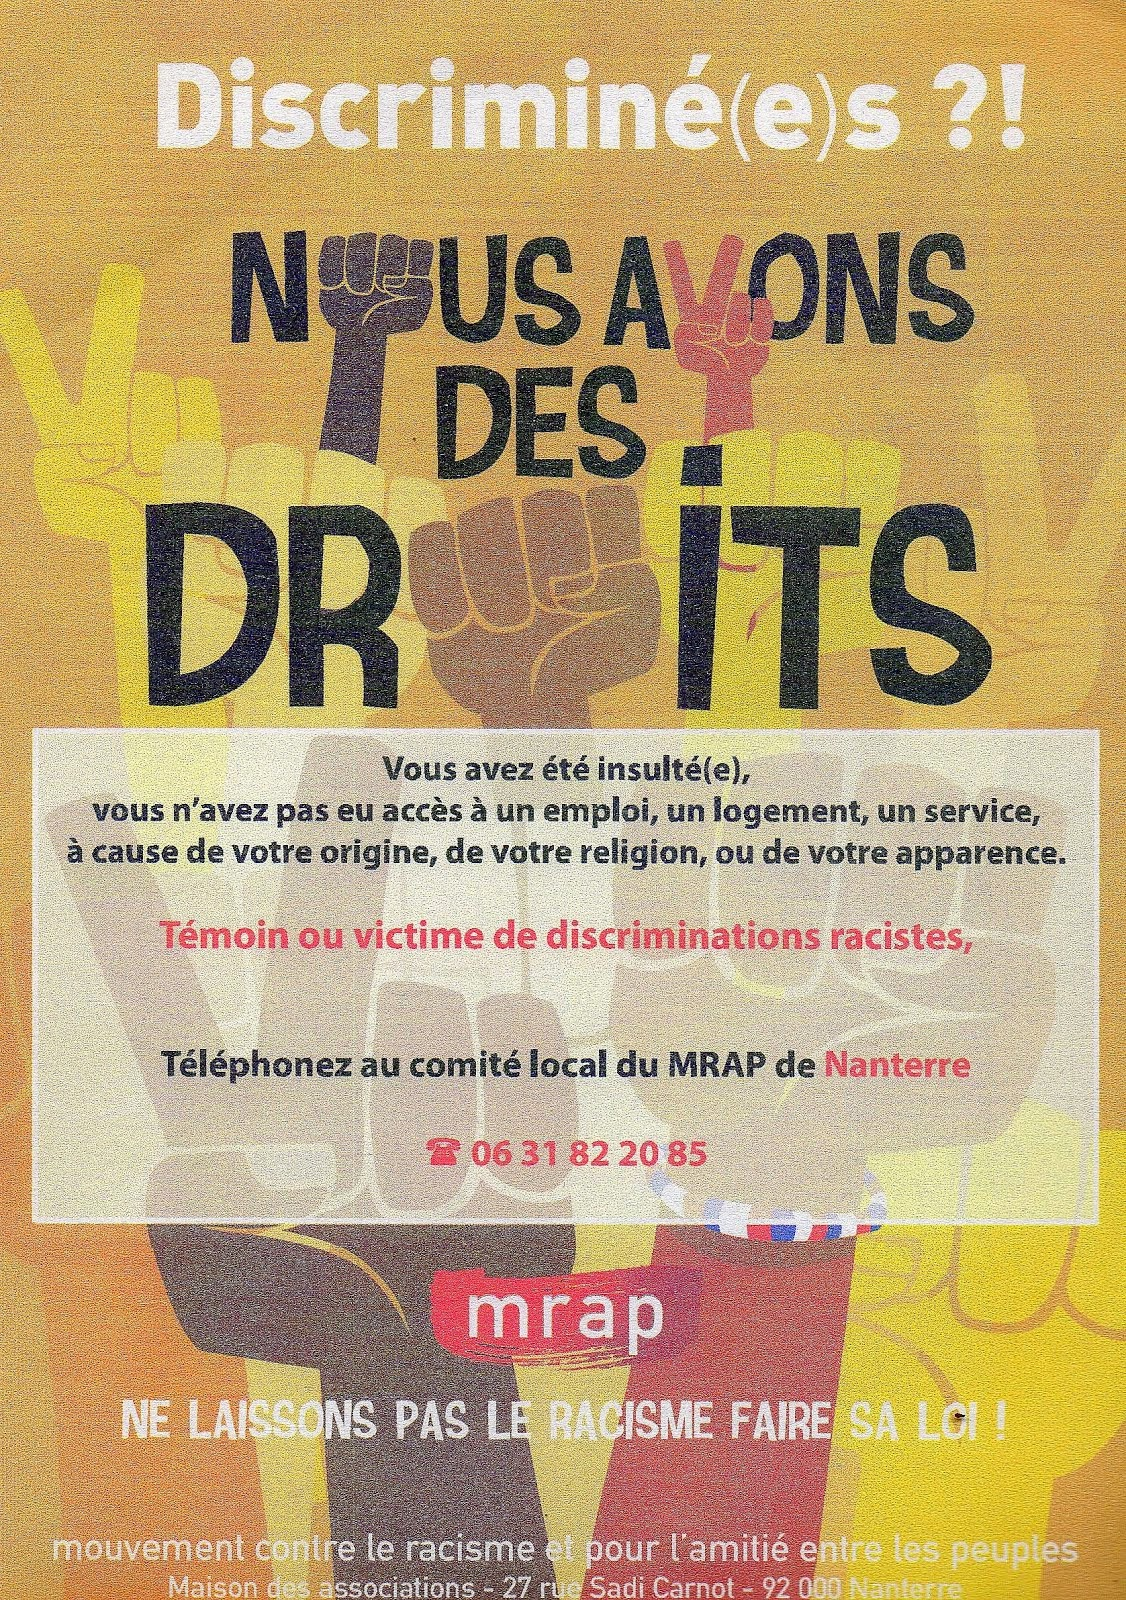 Pour contacter le MRAP à Nanterre   mrap.nanterre@orange.fr